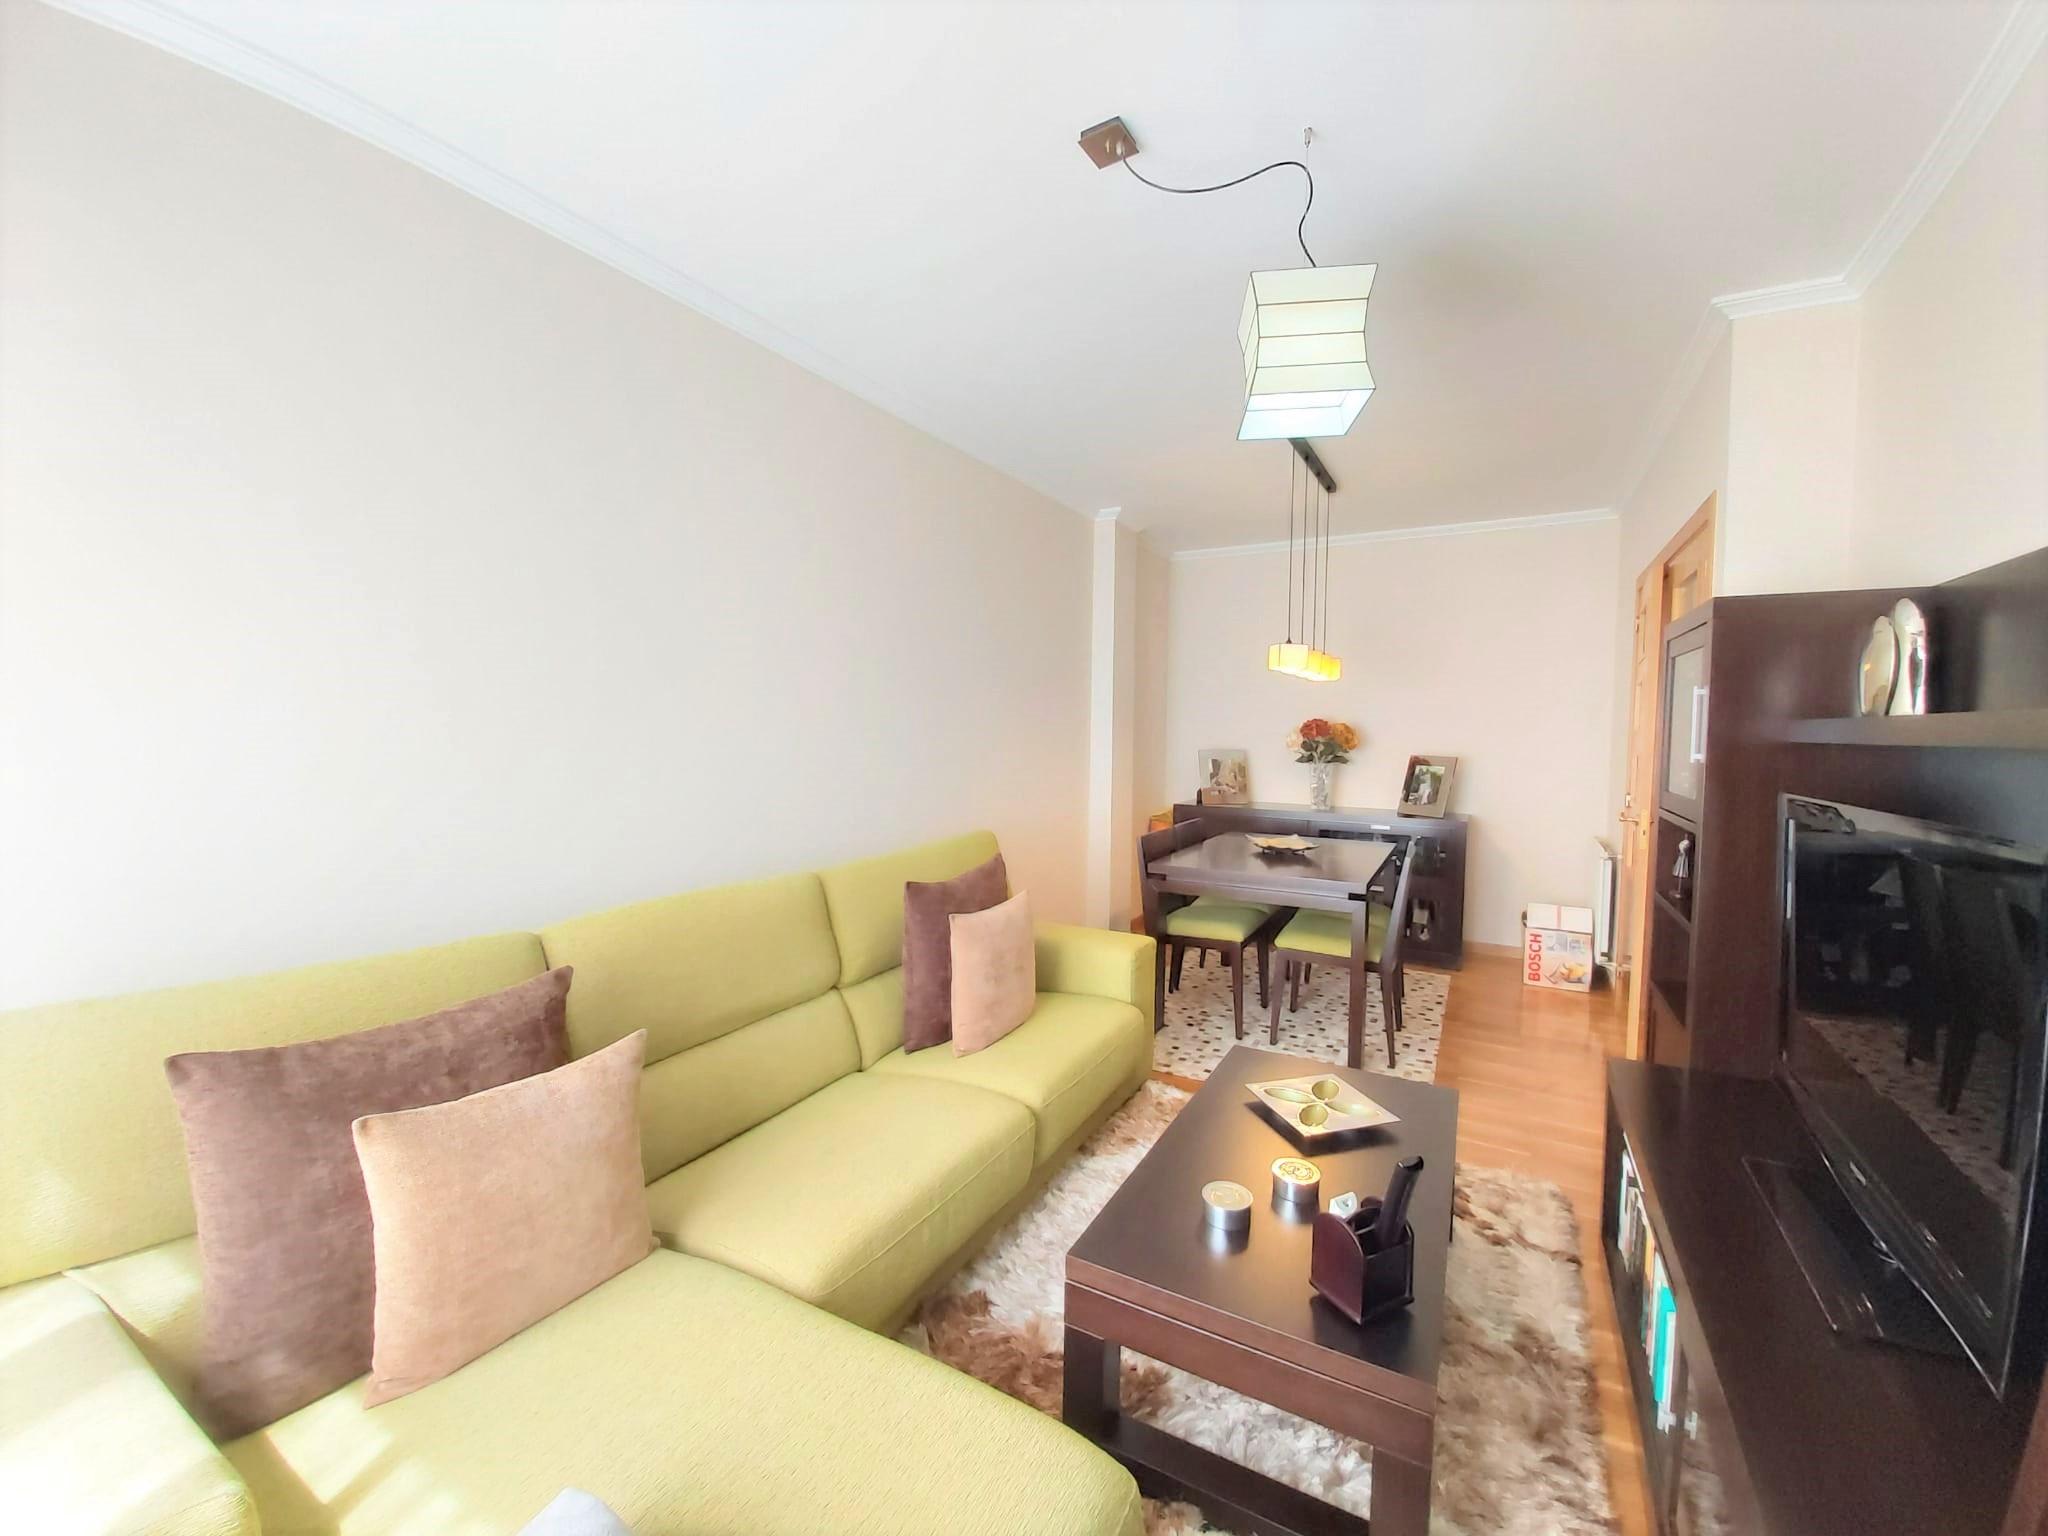 Apartamento amueblado a medida – en calle Manuel Murguía (Lugo)